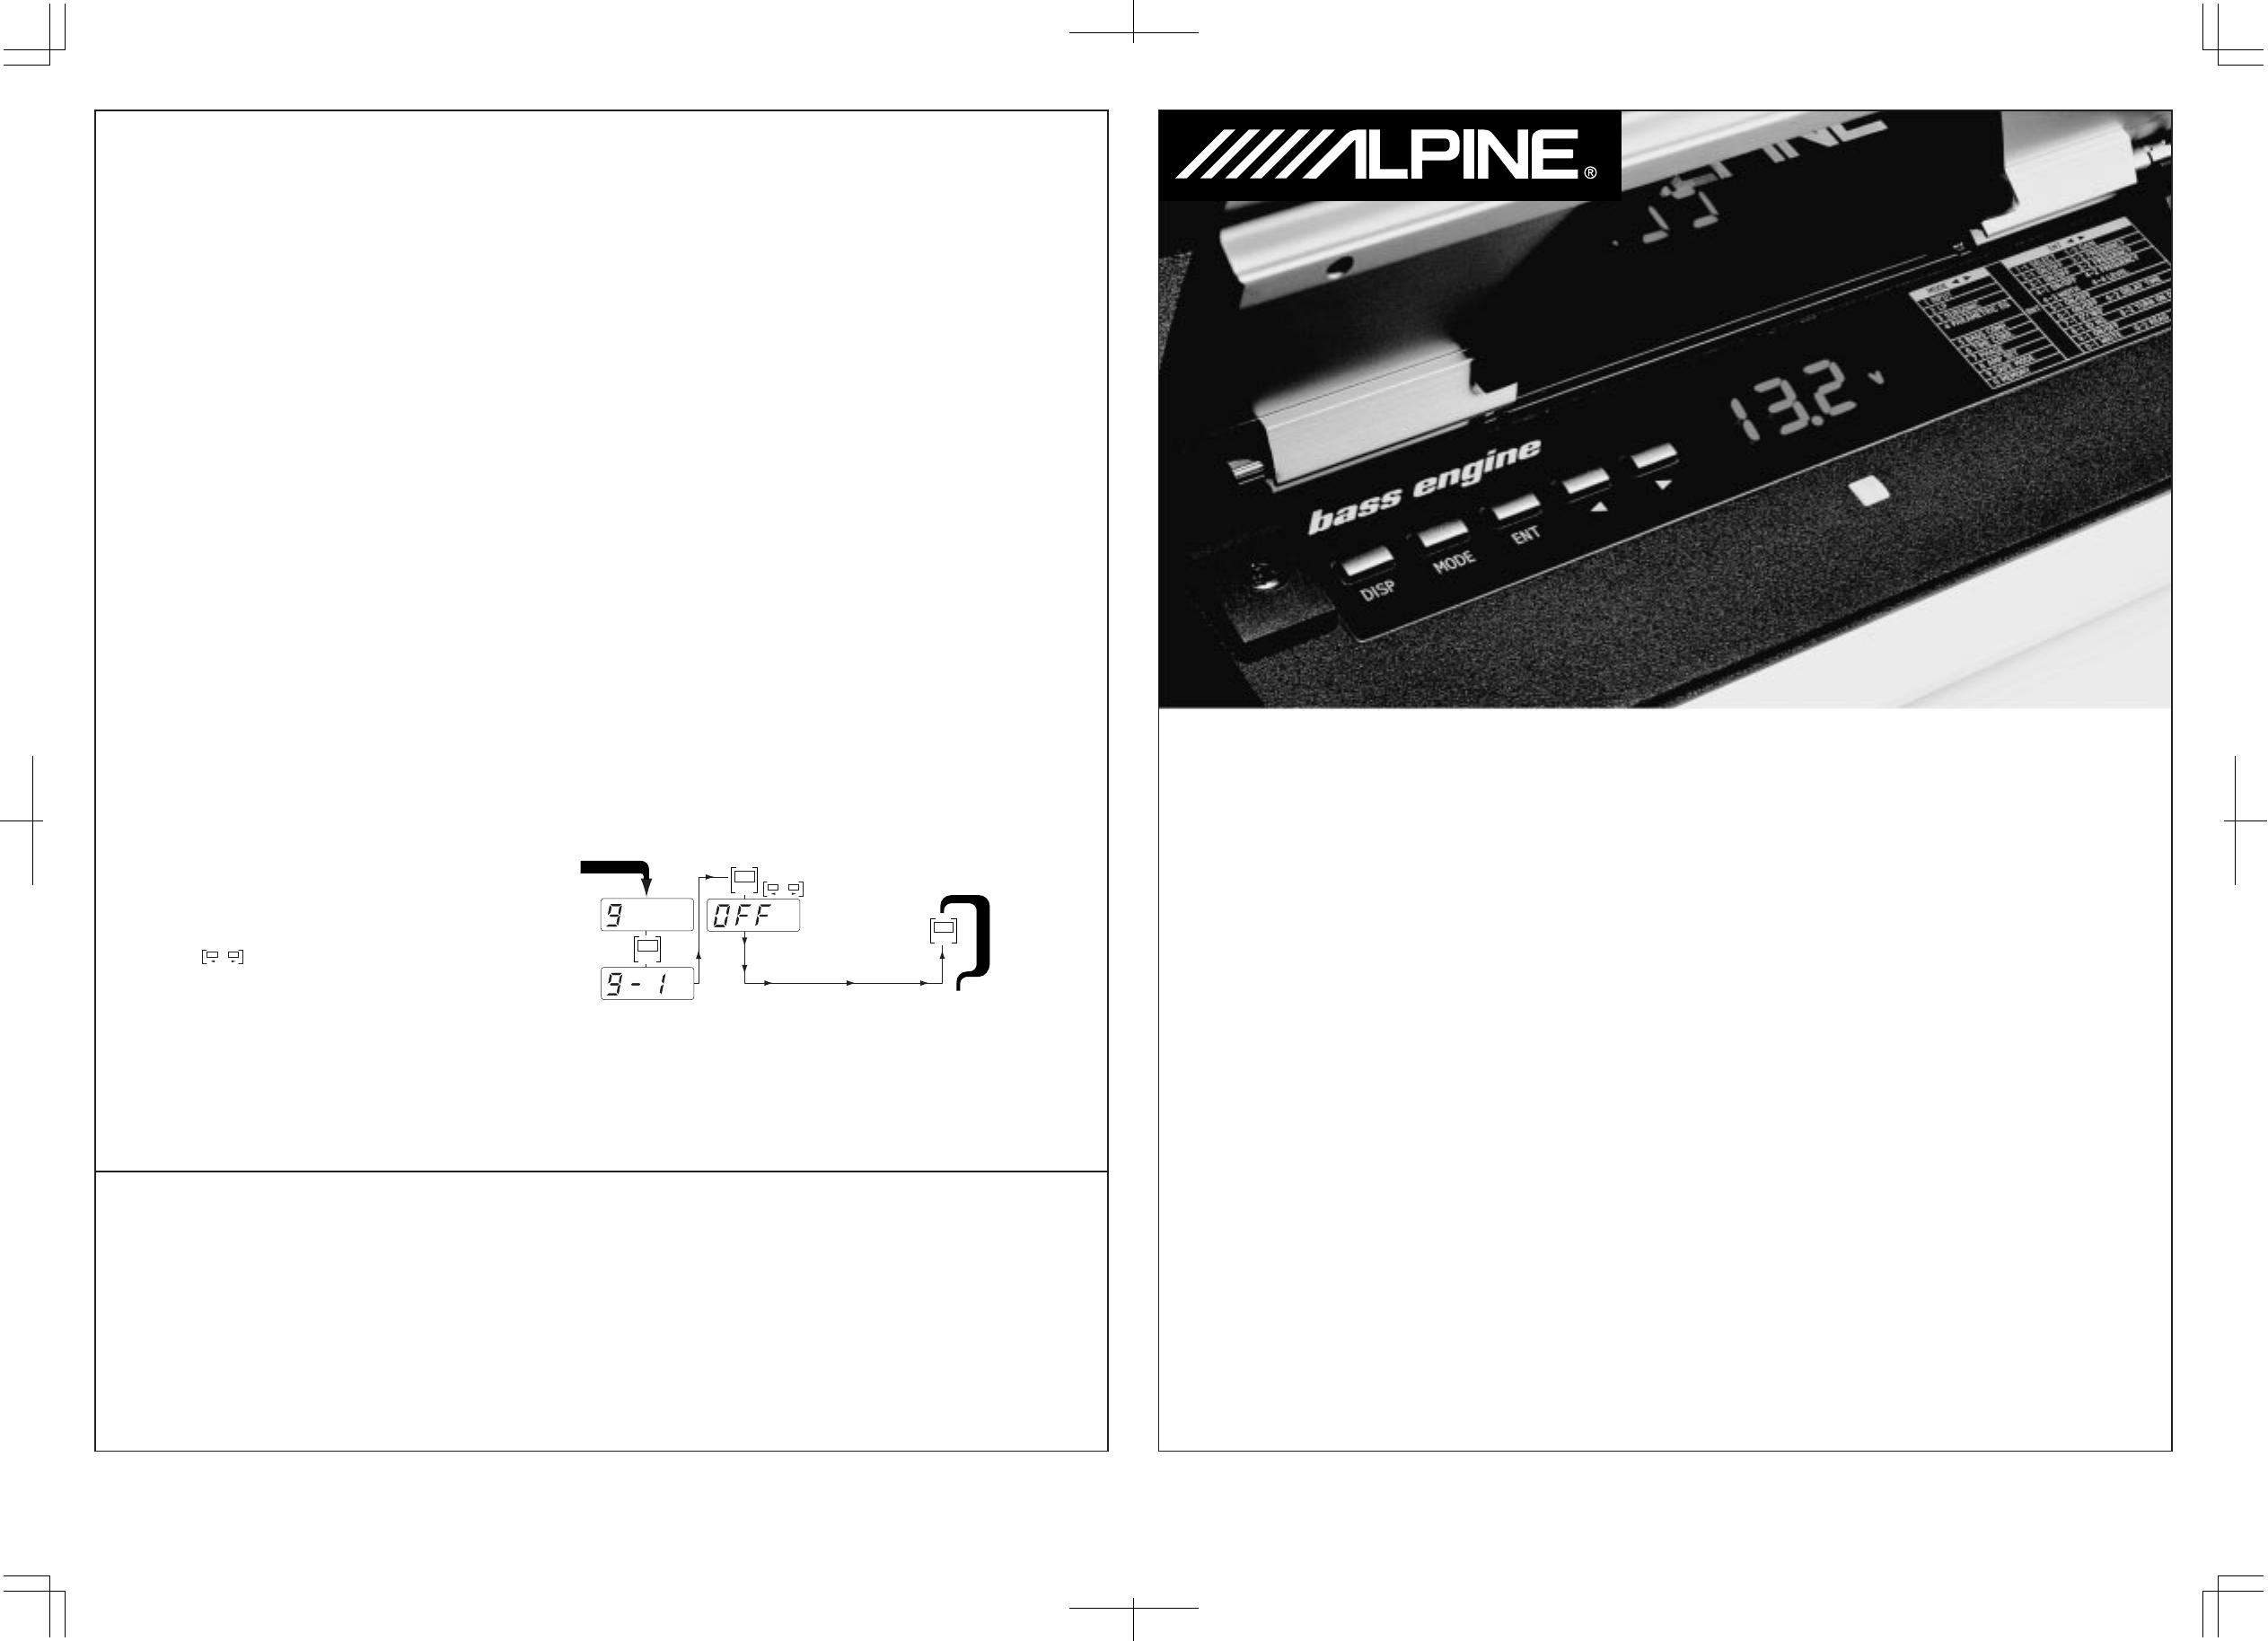 Handleiding Alpine mrd m 500 (pagina 23 van 24) (Deutsch, English ...